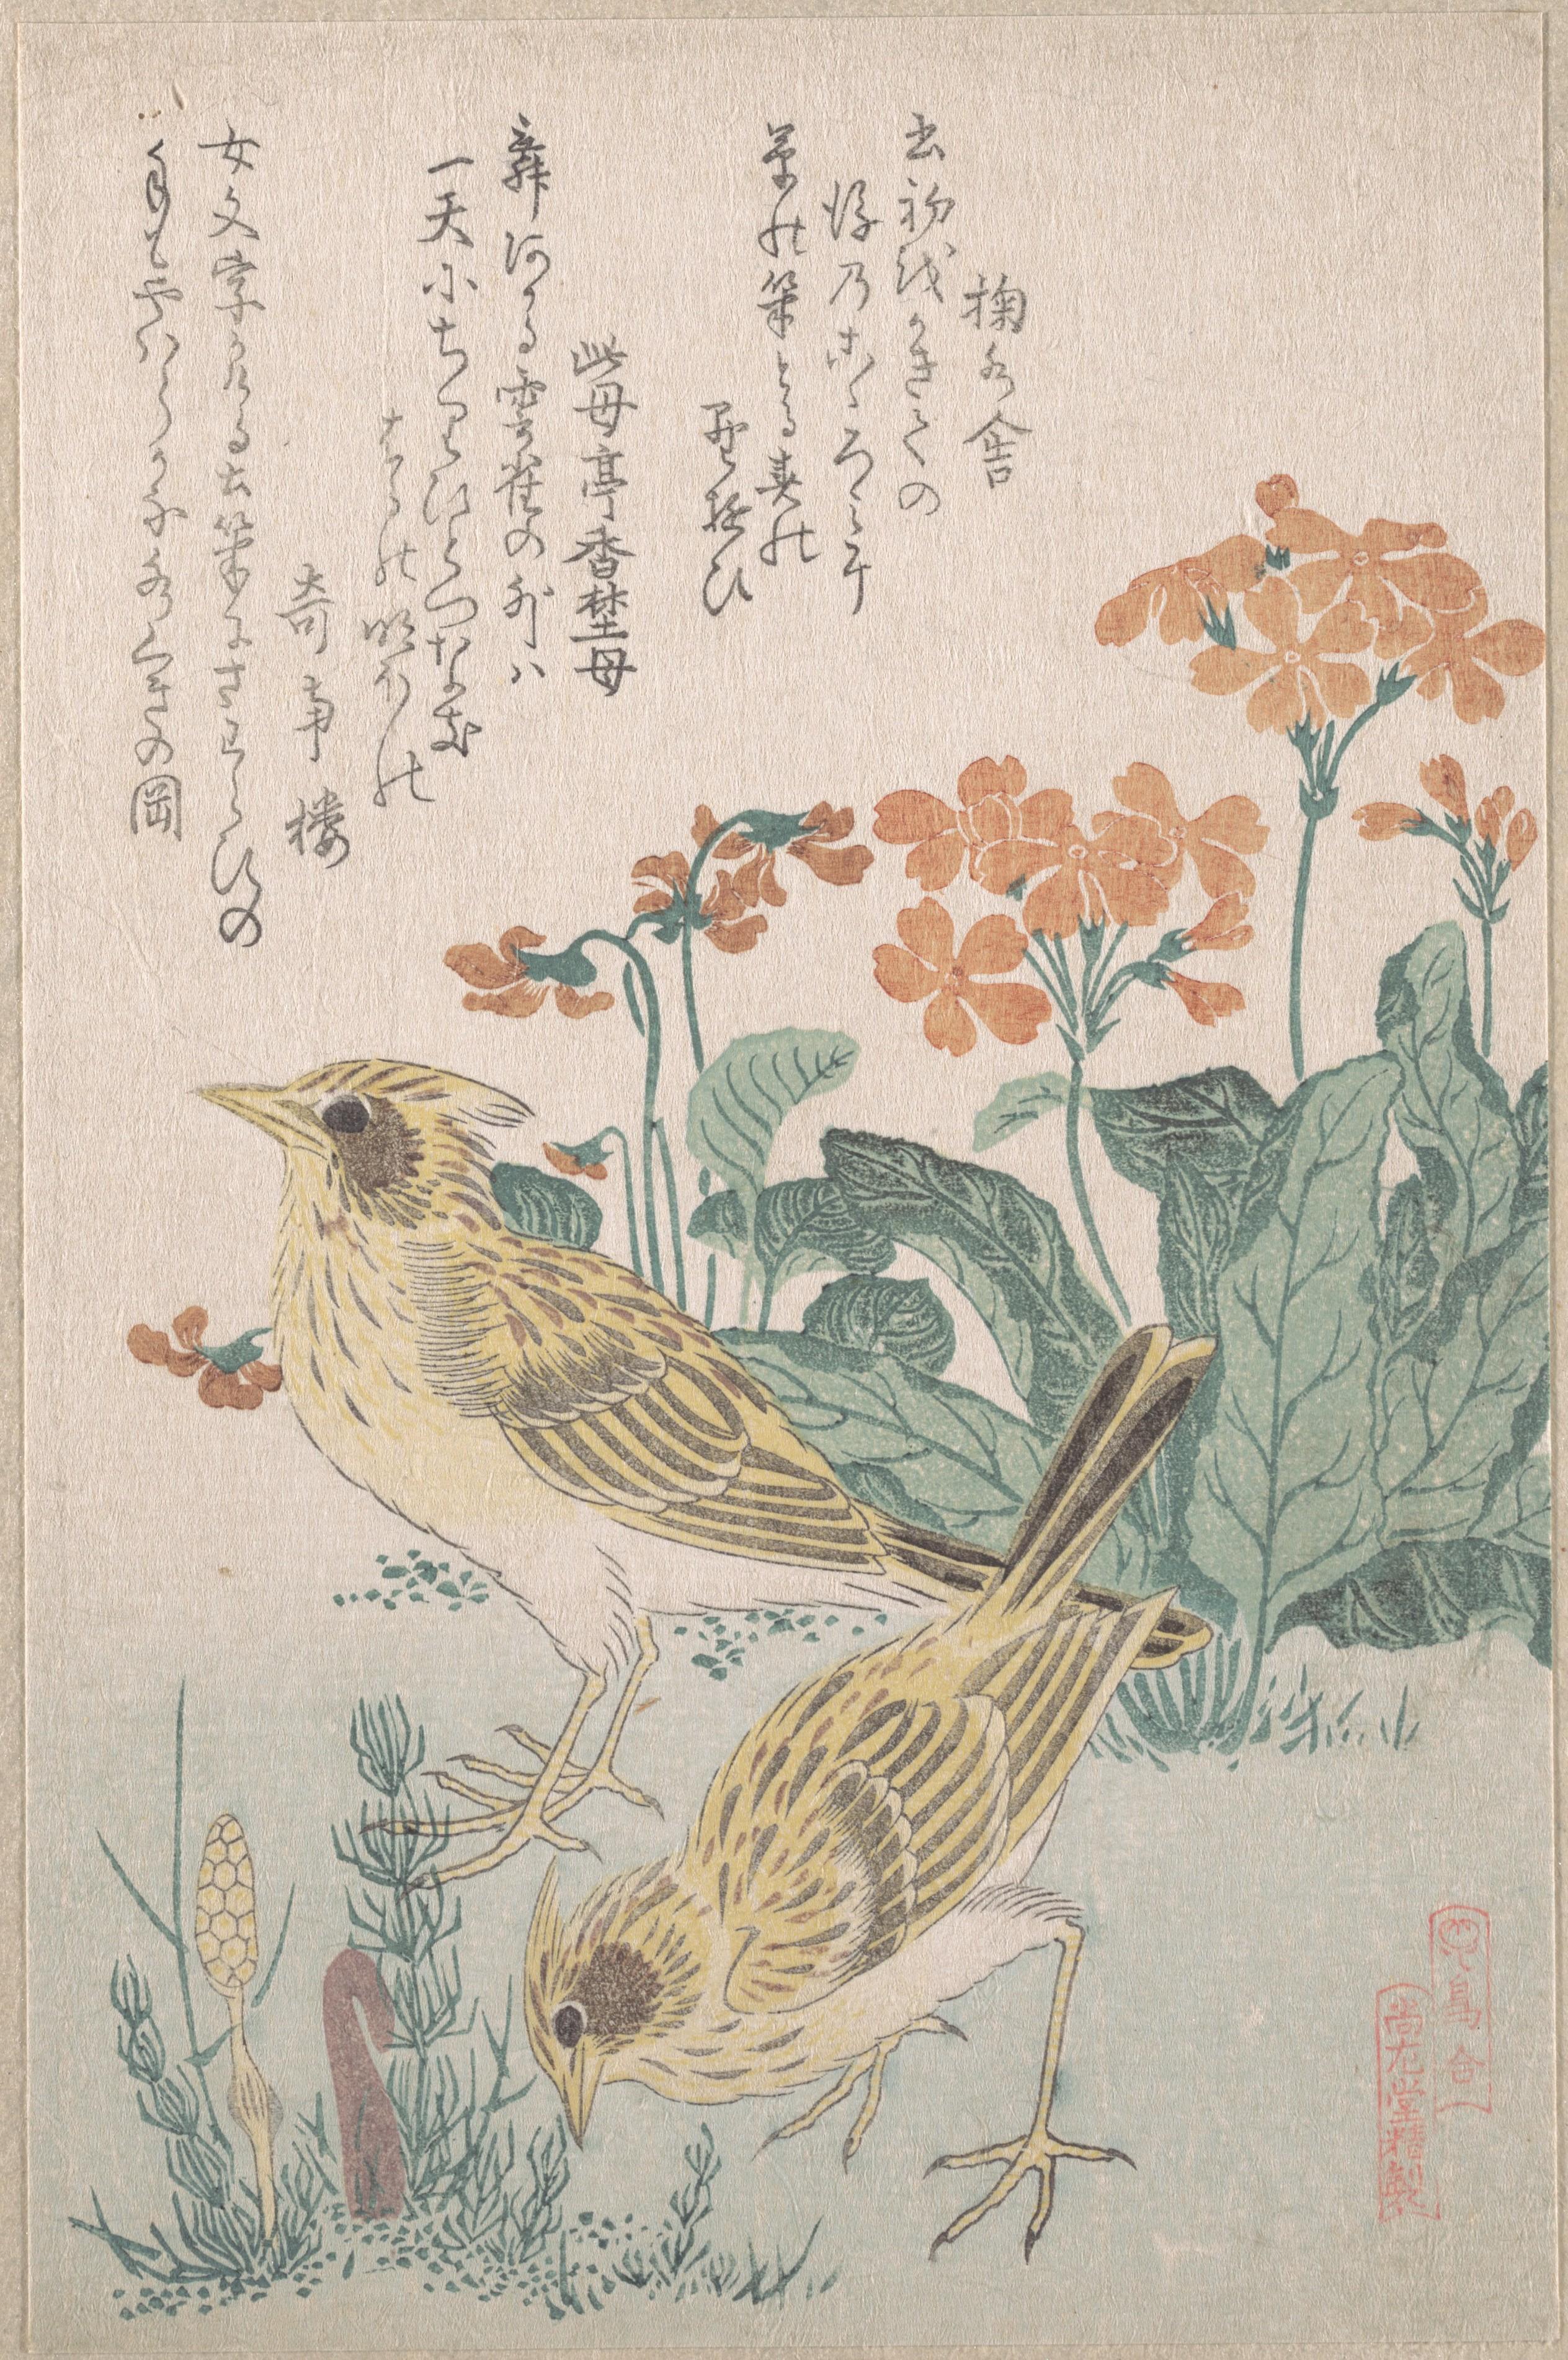 Series An Array of Birds_том 3_1805-1810_Жаворонки и первоцветы_210х137 мм